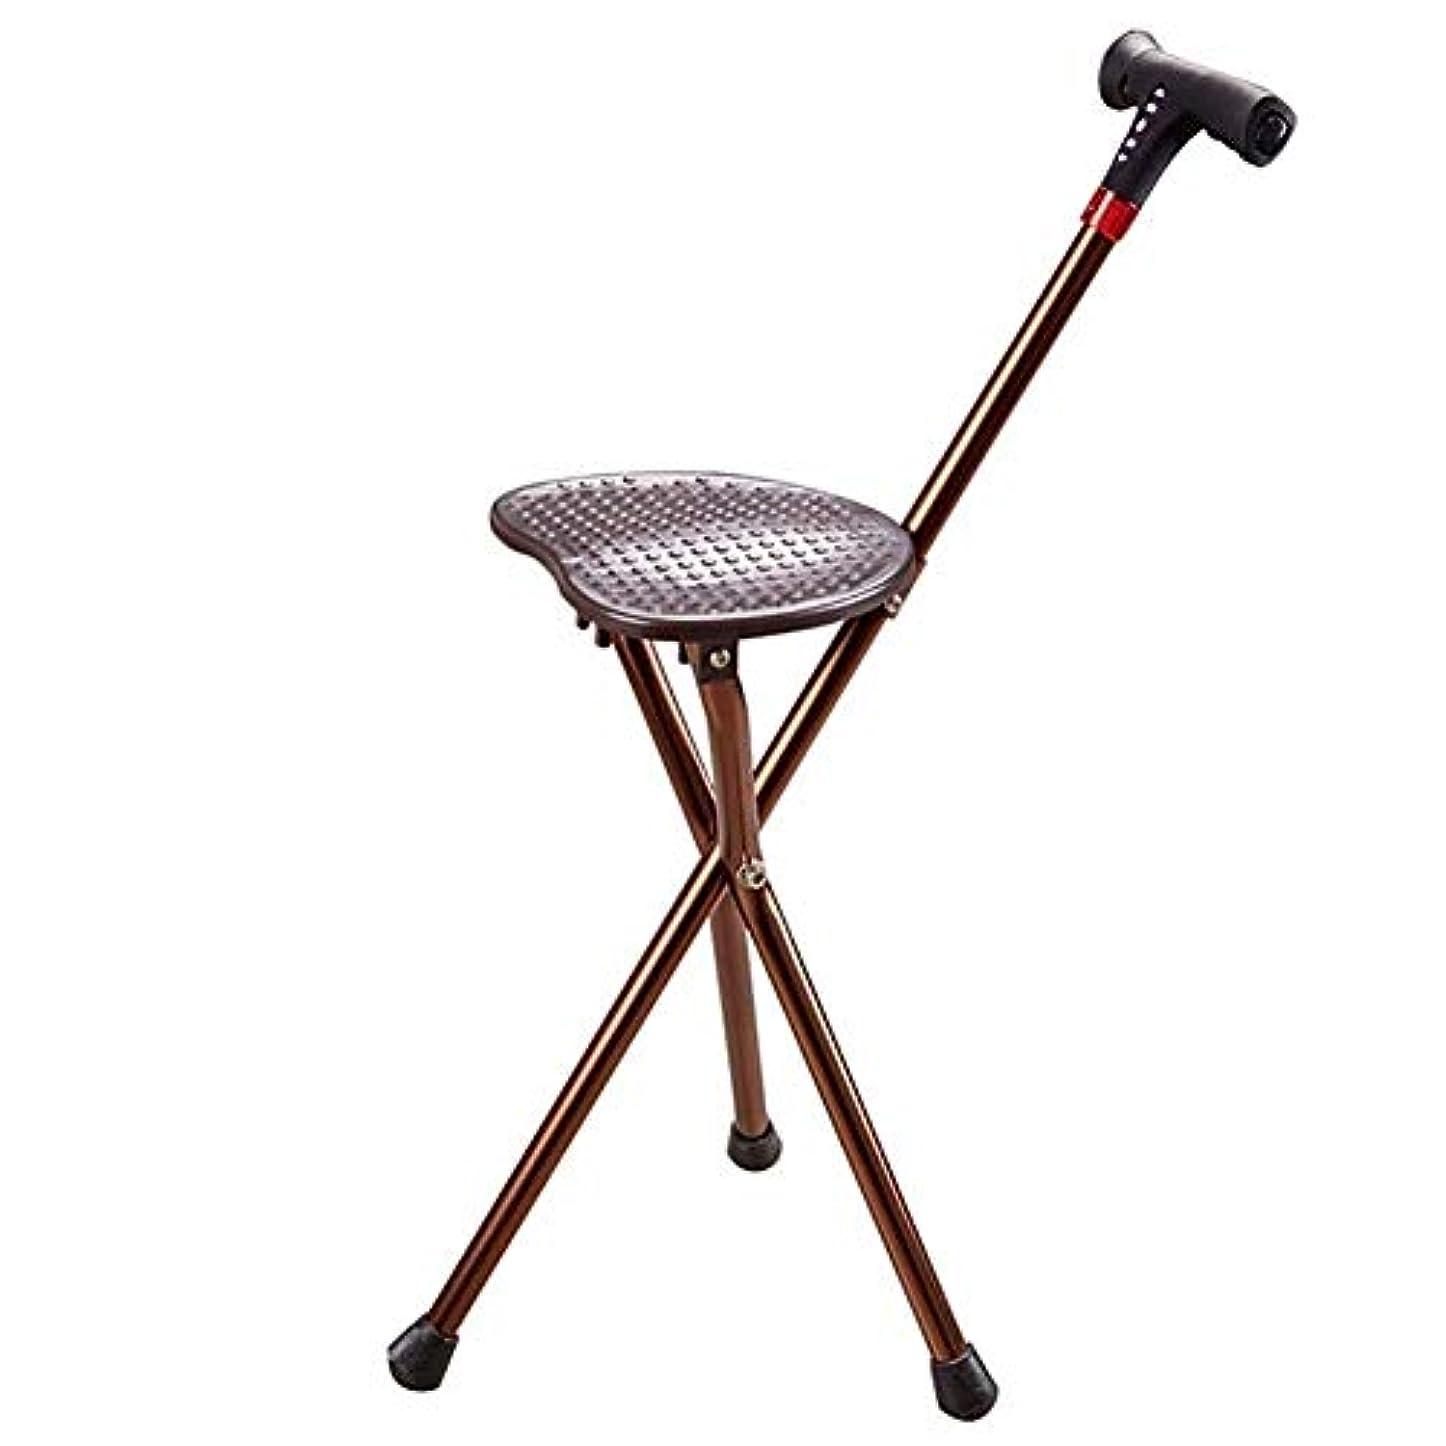 研磨剤獲物海峡軽量で調節可能な高さの杖席、MP3プレイ用の多機能松葉杖、高デシベルアラームなど。